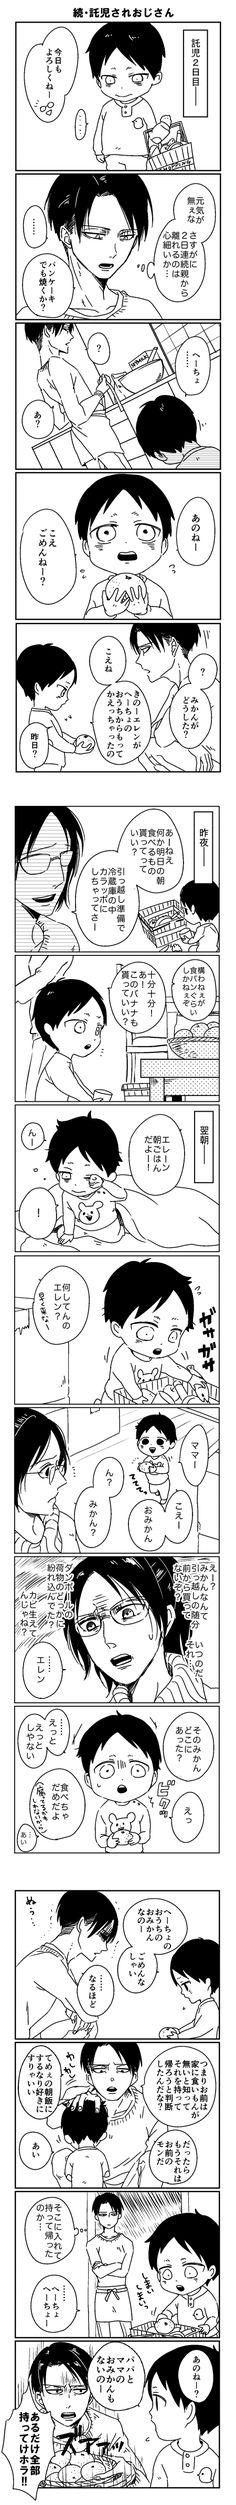 「へーちょおじさんと甥っ子エレン2」/「白崎」の漫画 [pixiv]